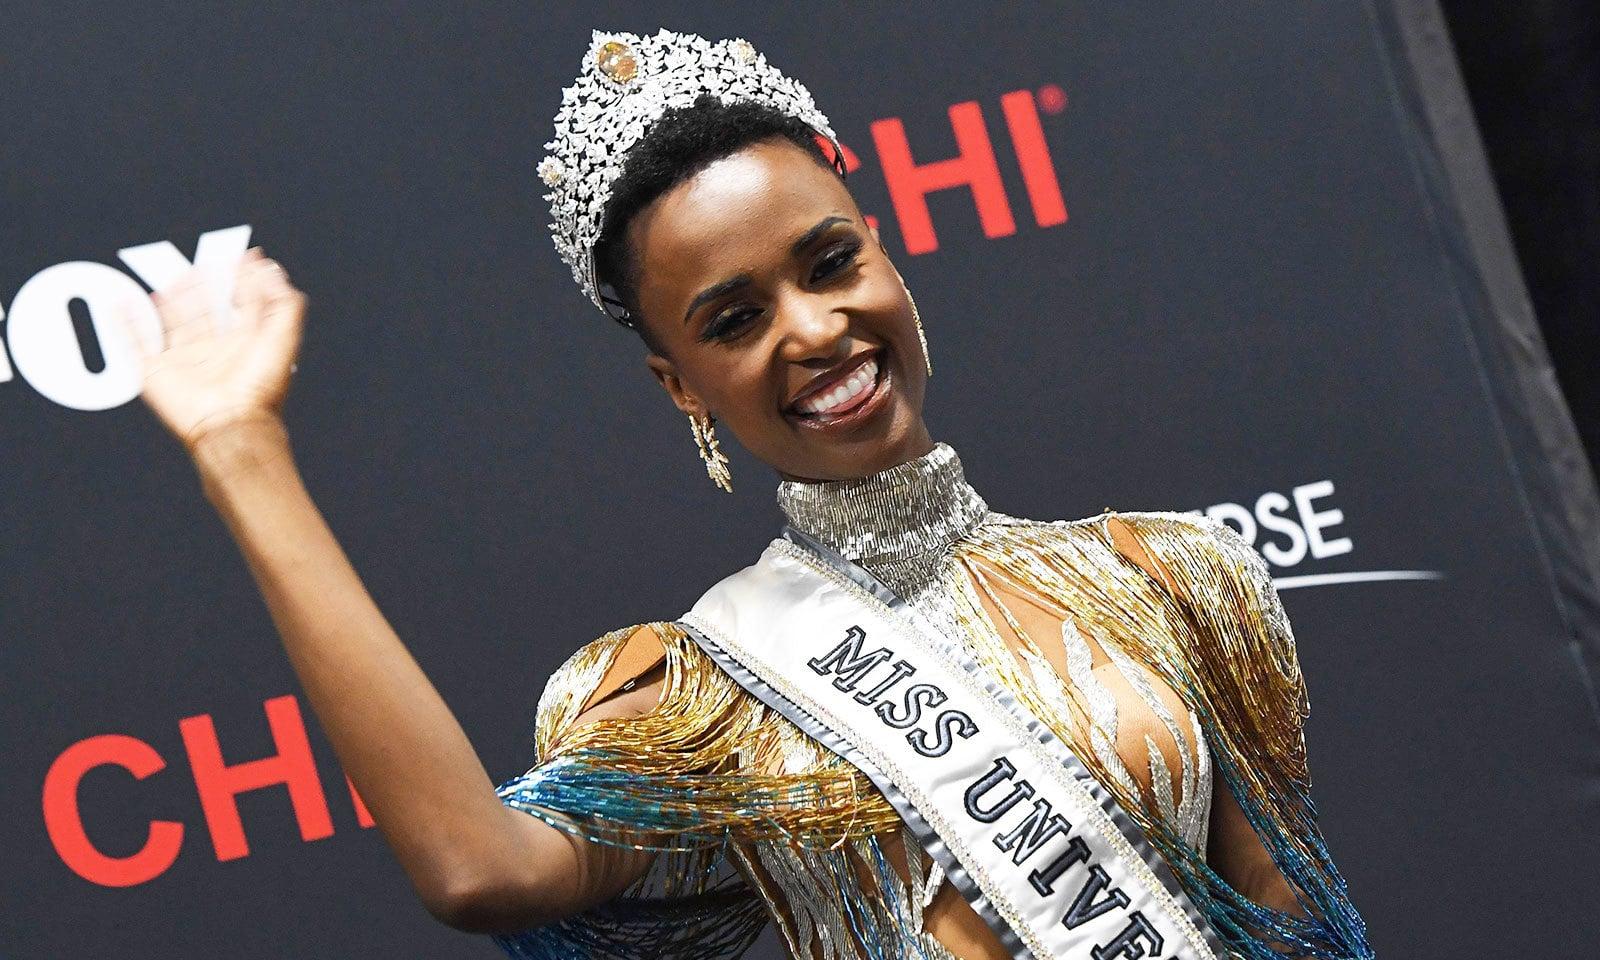 ززیبنی تنزی نے اپنی جیت کو سیاہ فام خواتین کی جیت قرار دیا—فوٹو: اے ایف پی